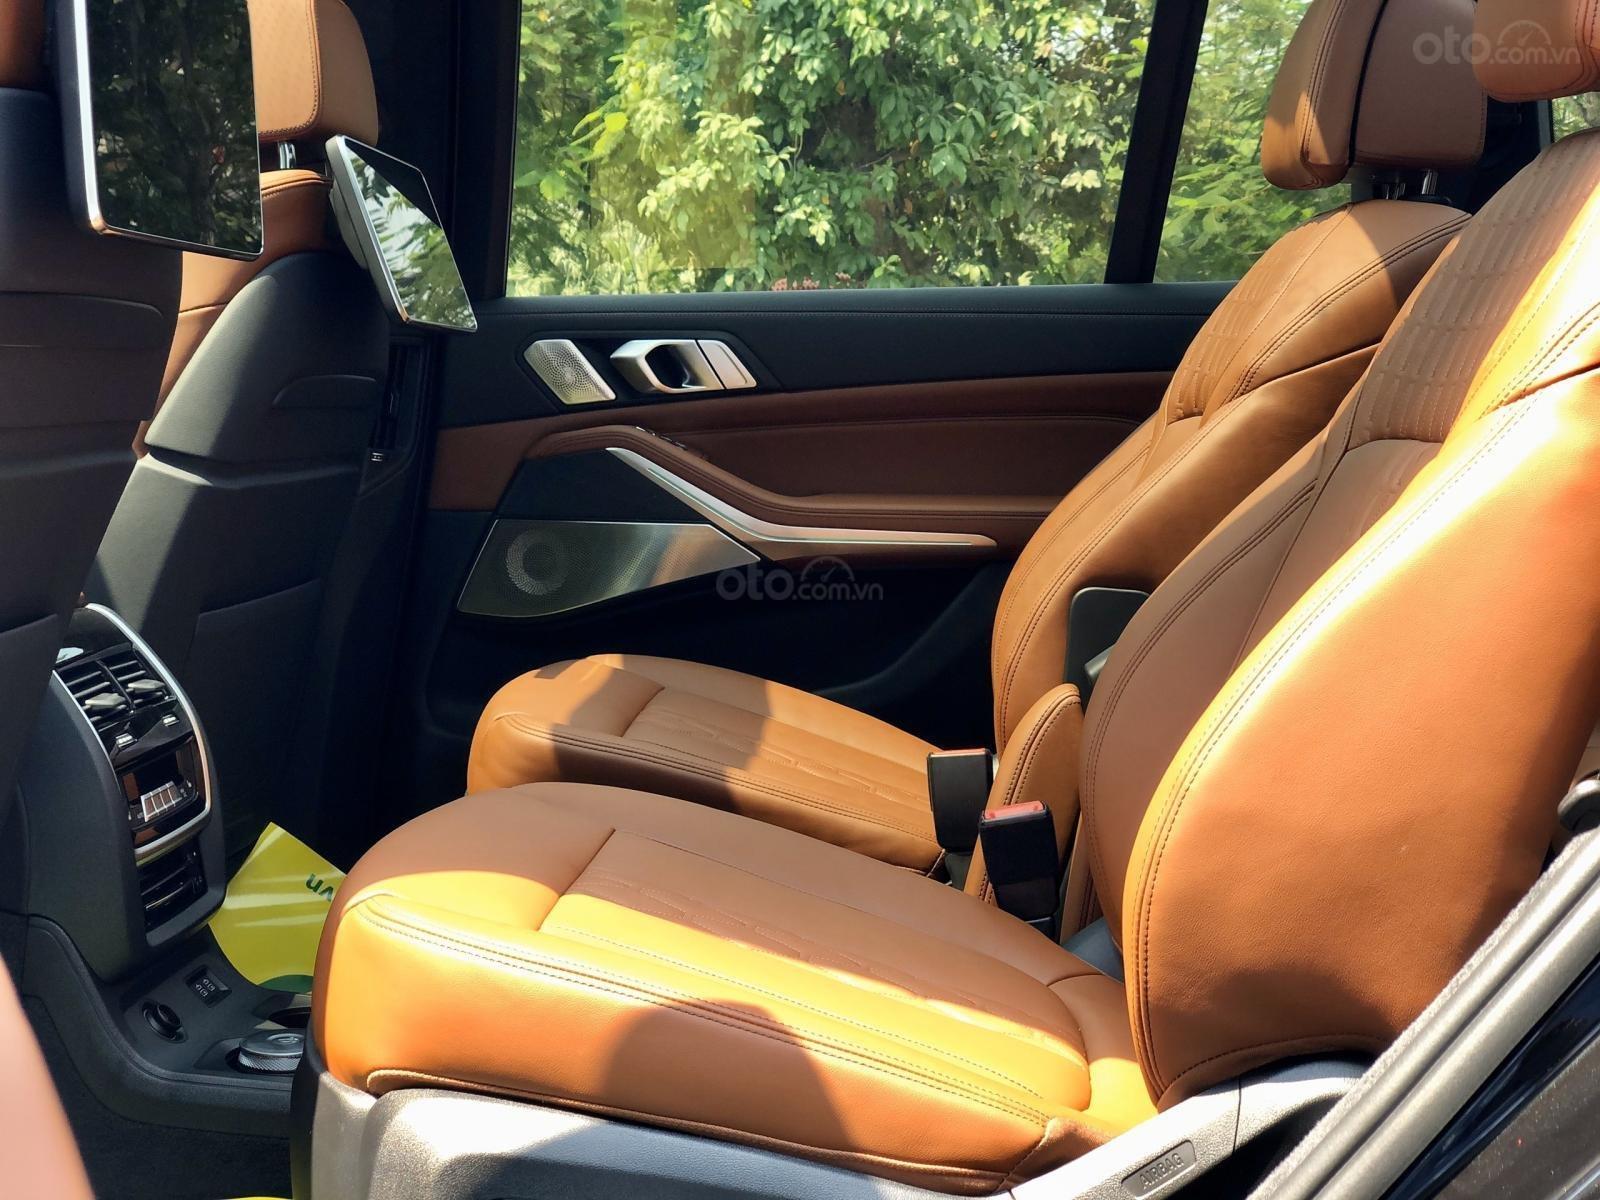 Bán BMW X7 xDrive 40i 2019 Hồ Chí Minh, giá tốt giao xe ngay toàn quốc, LH trực tiếp 0844.177.222 (17)